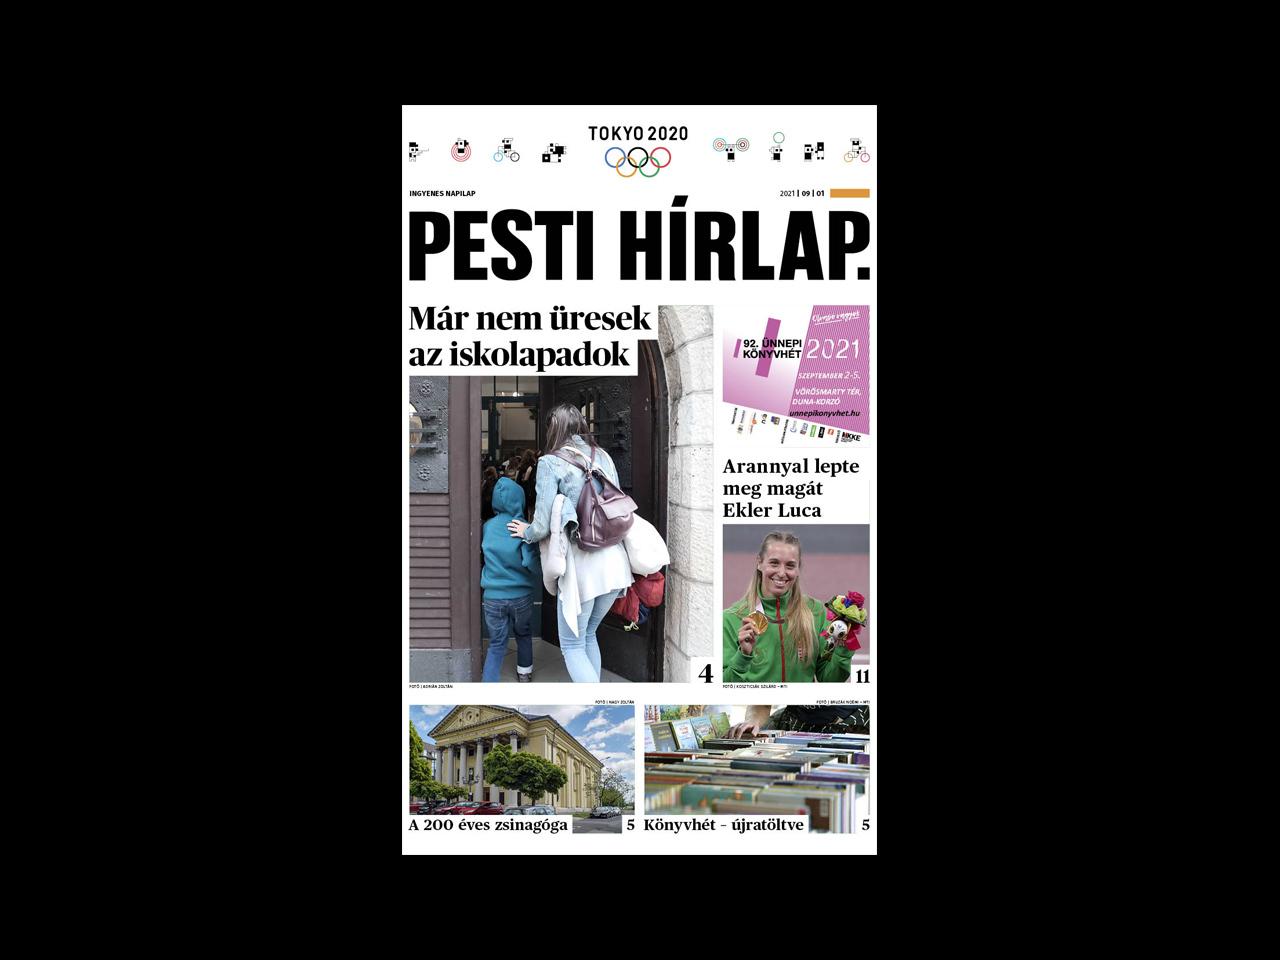 Megkezdődött a tanév a közoktatásban; 200 éves az Óbudai Zsinagóga – megjelent a Pesti Hírlap